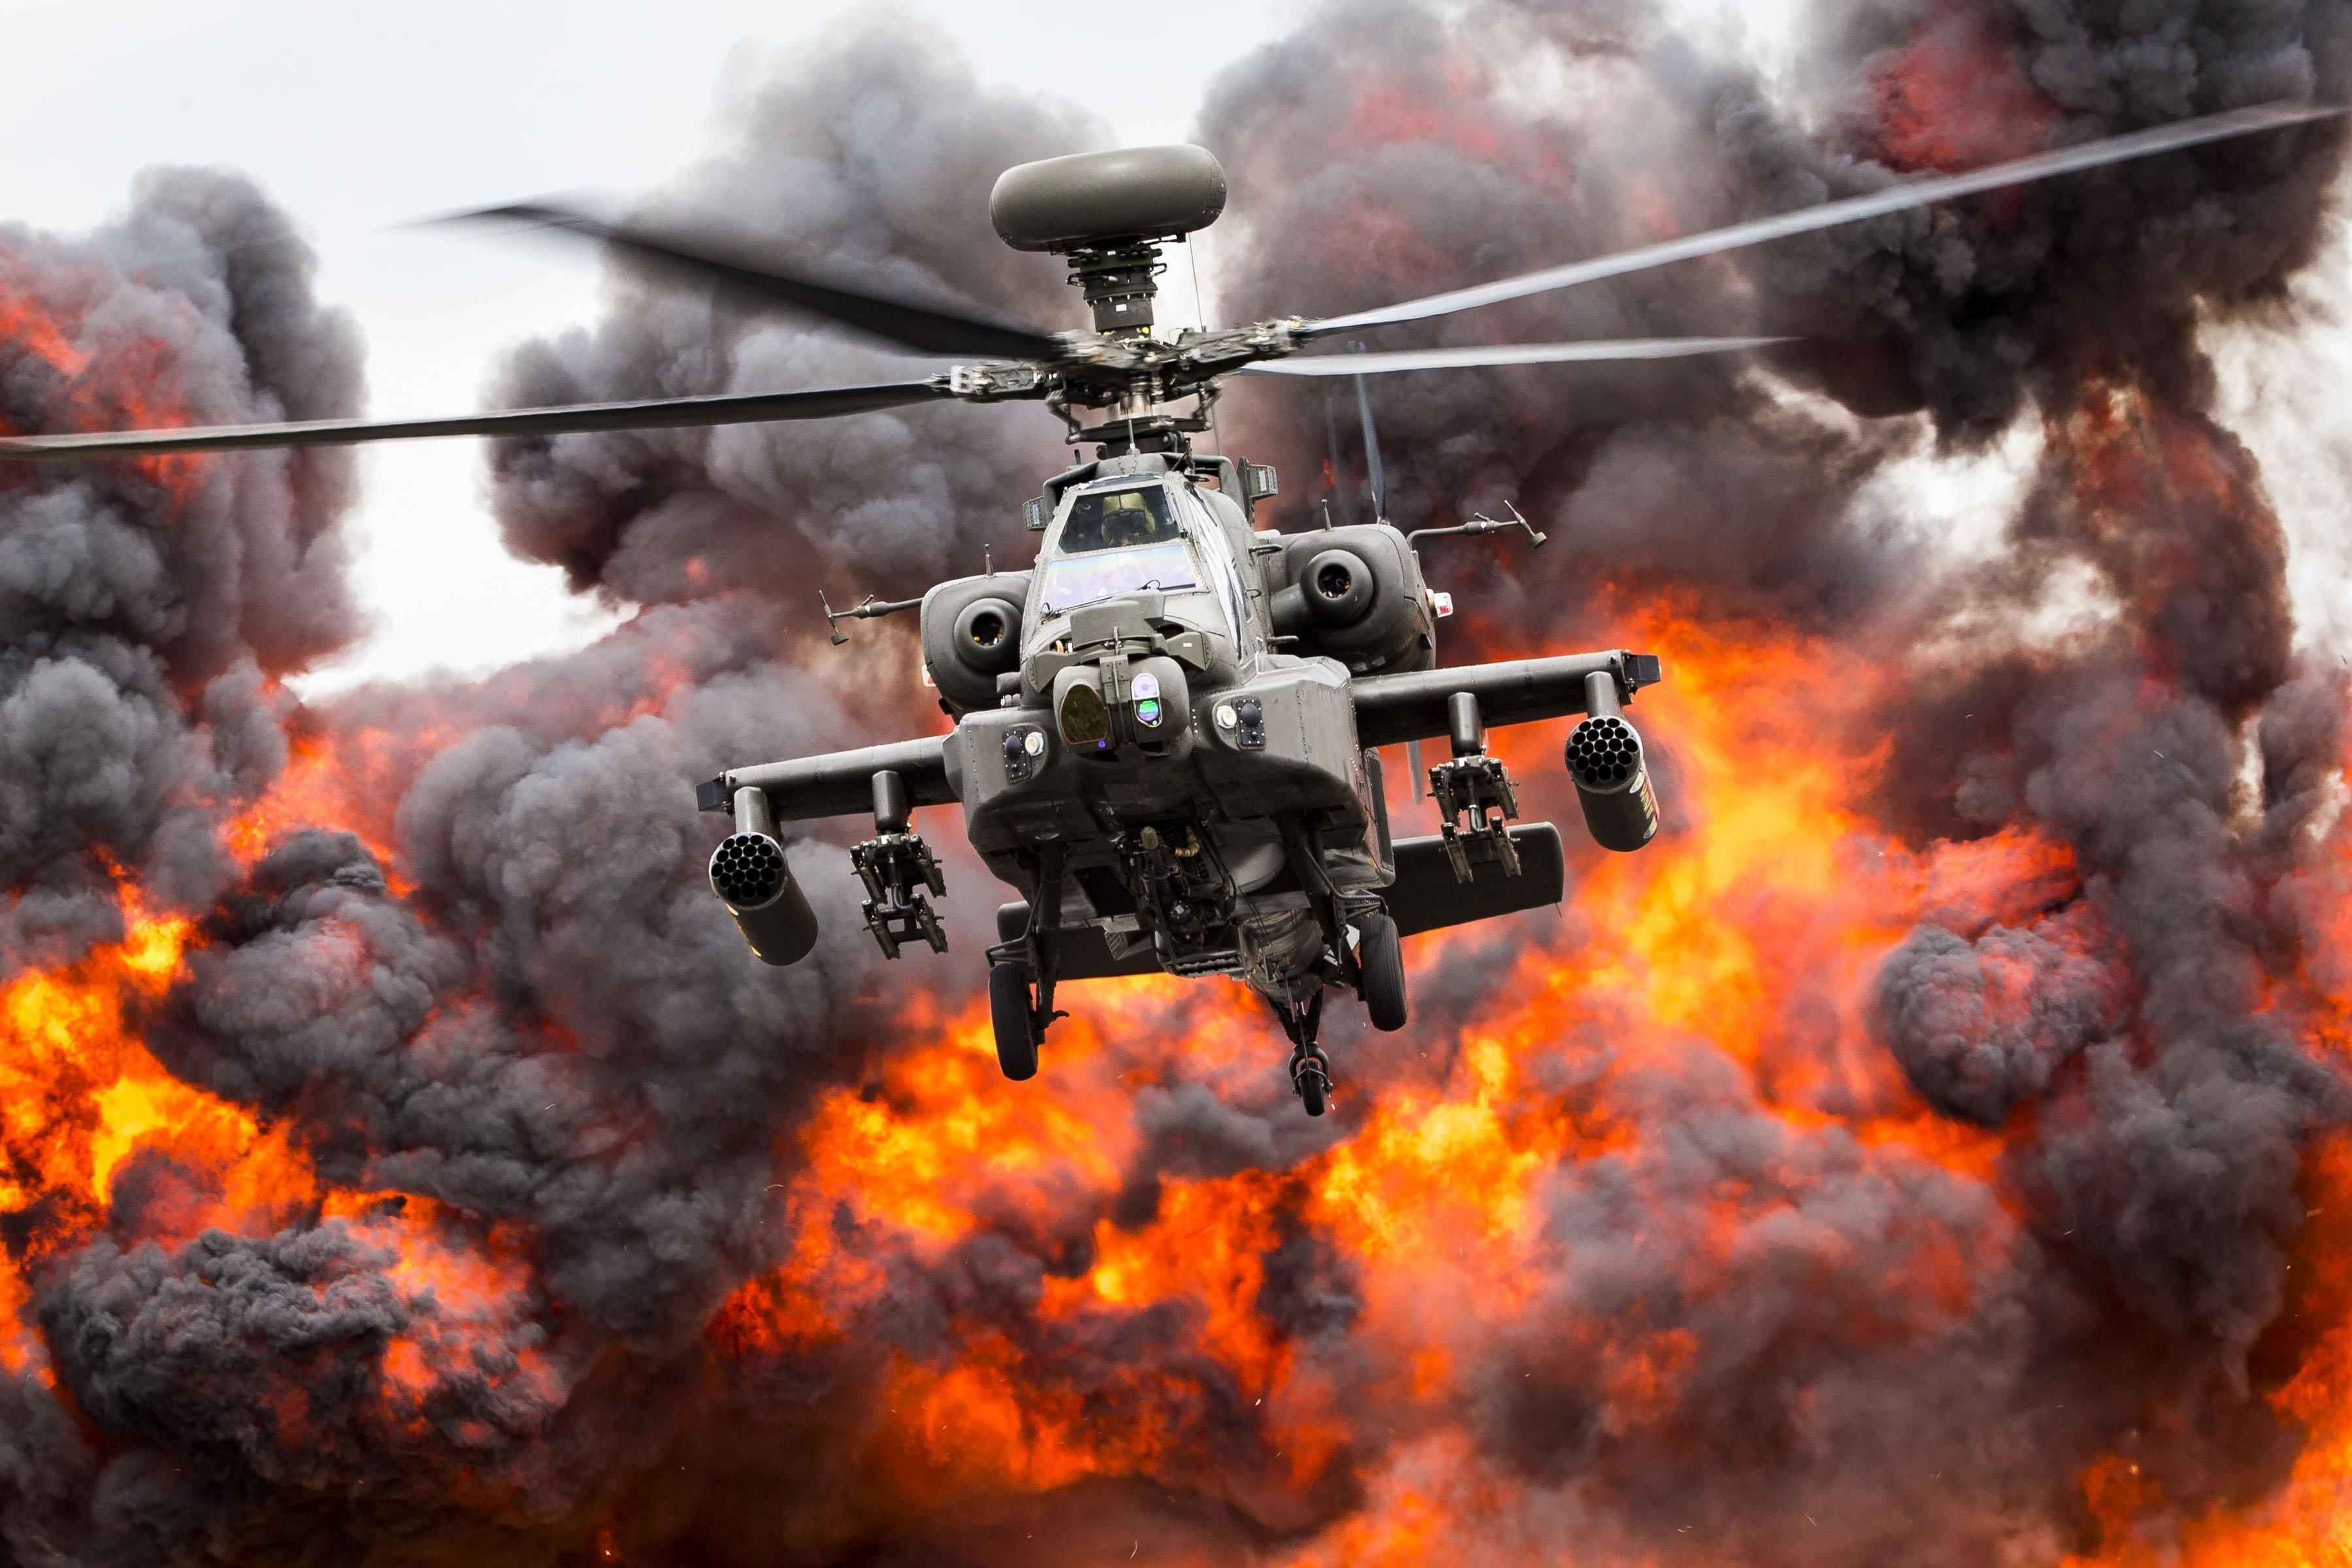 Un helicòpter participa en una demostració durant l'exhibició de la Real Força Aèria britànica Air Tattoo 2017 a Fairford, al centre d'Anglaterra. /BRITISH MINISTRY